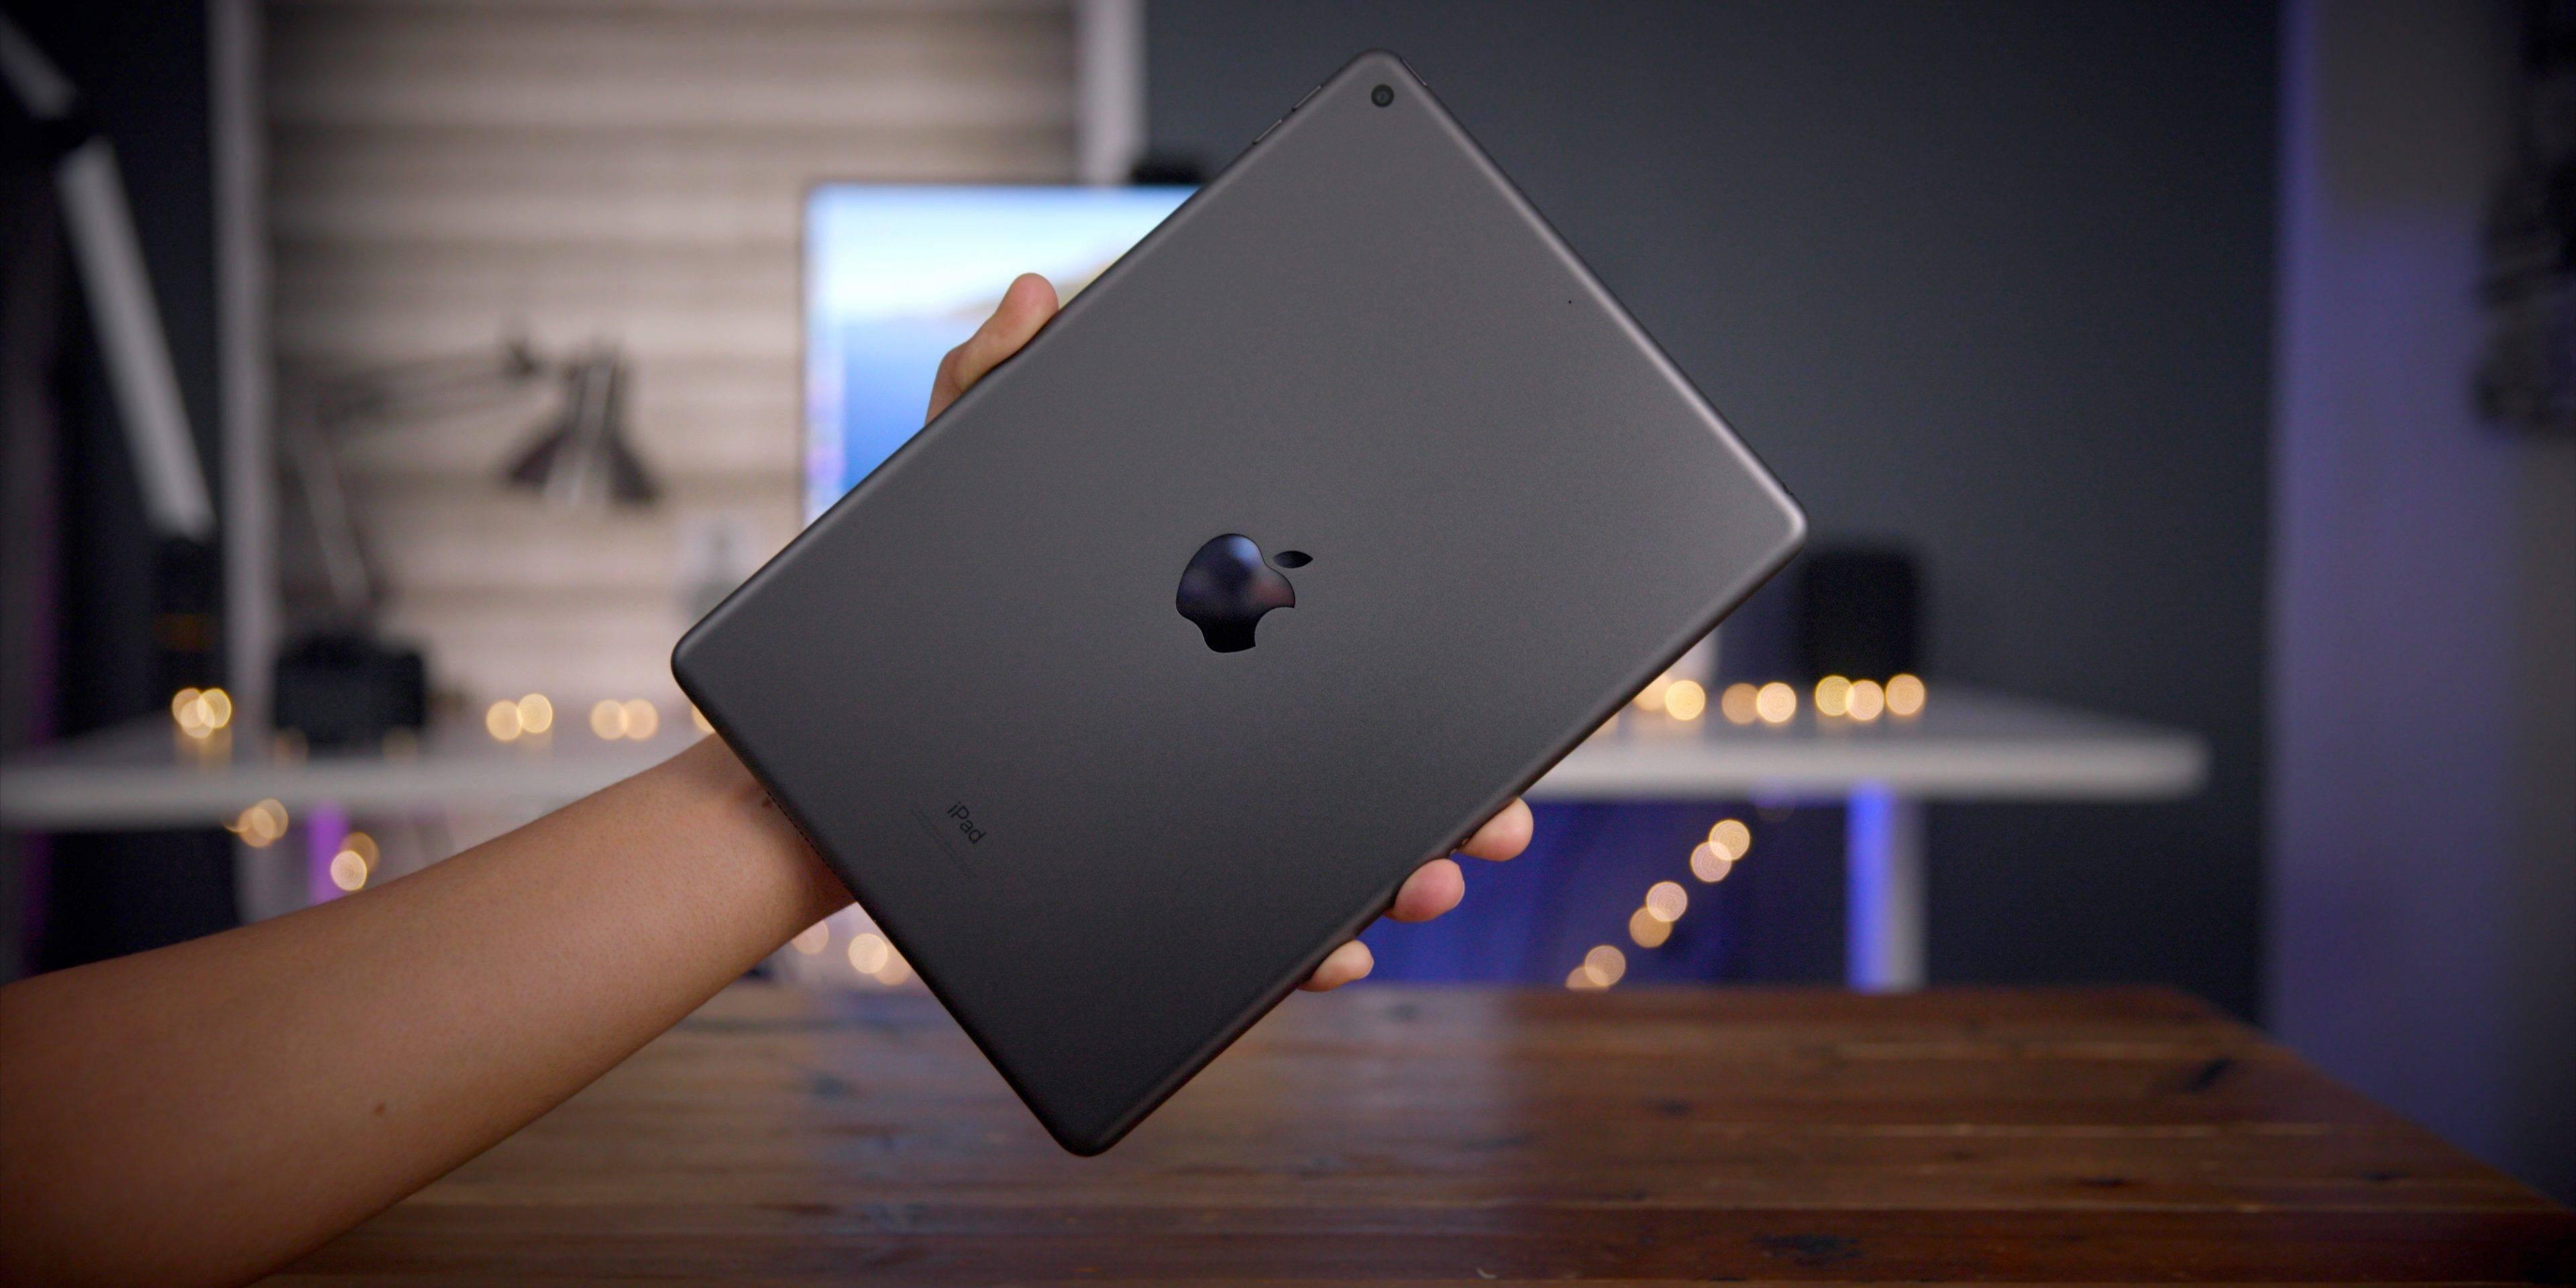 早报 | iPad 8 价格或将更亲民 / 微软将继续推进 TikTok 收购 /《三体》电视剧卡司公布